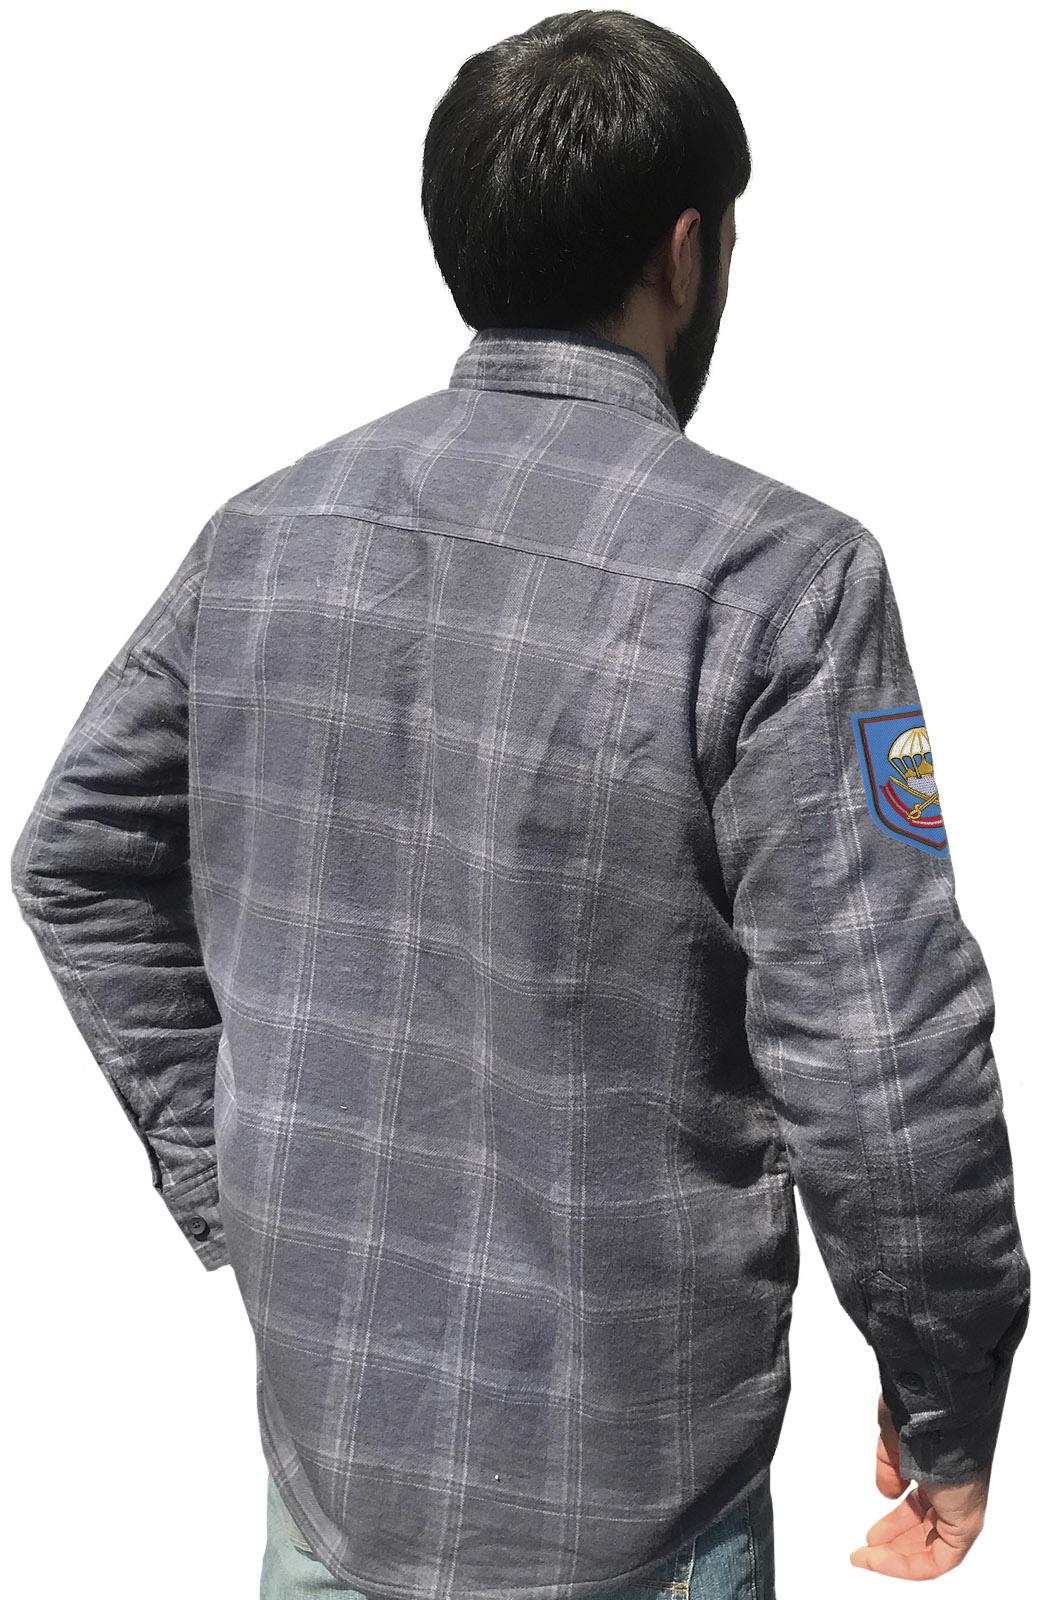 Купить крутую мужскую рубашку с вышитым шевроном 137 ПДП ВДВ по лучшей цене